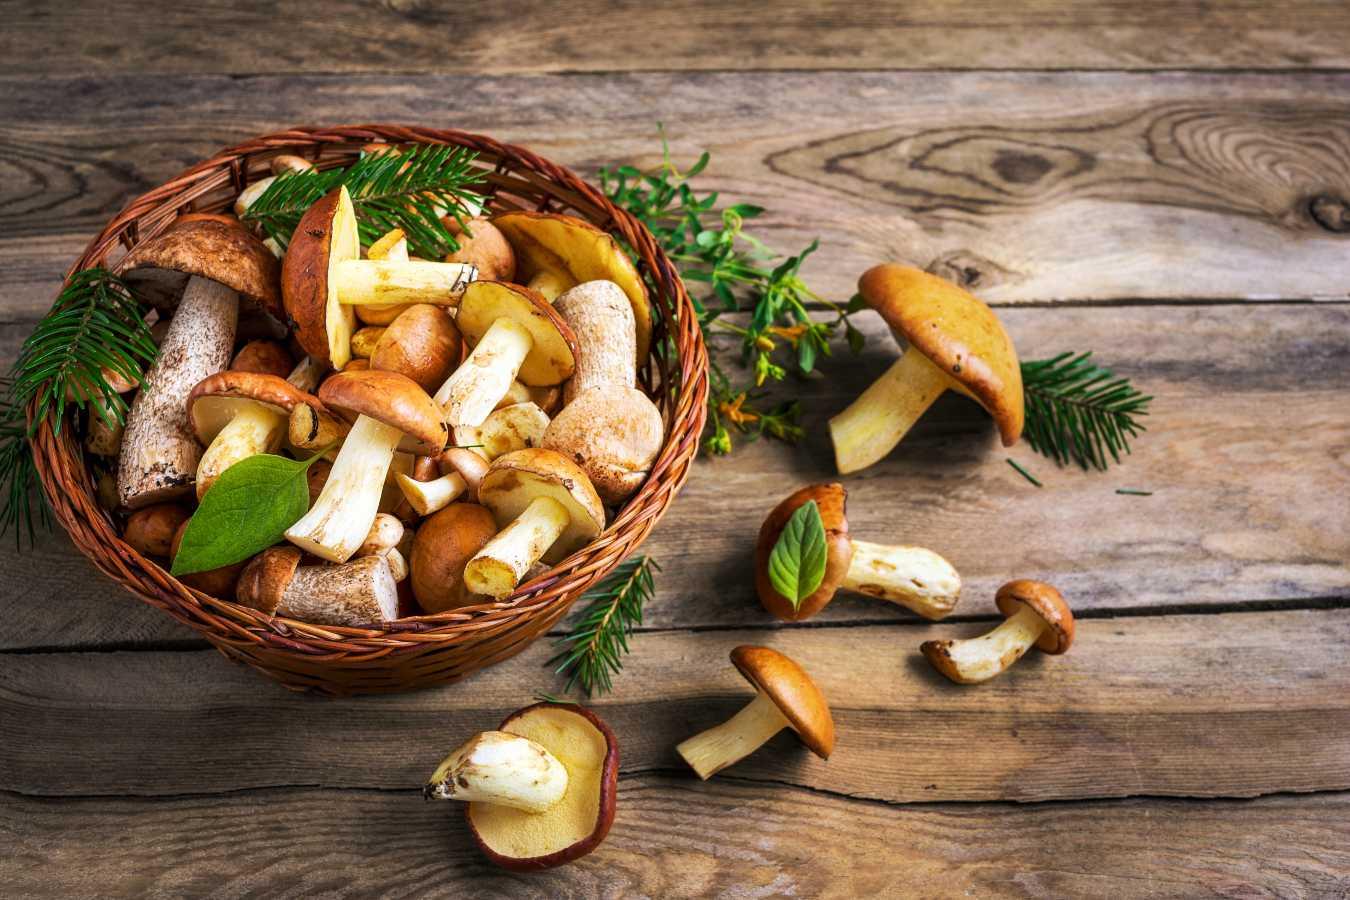 Jak przechowywać grzyby w lodówce? Ile grzyby mogą leżeć w lodówce?